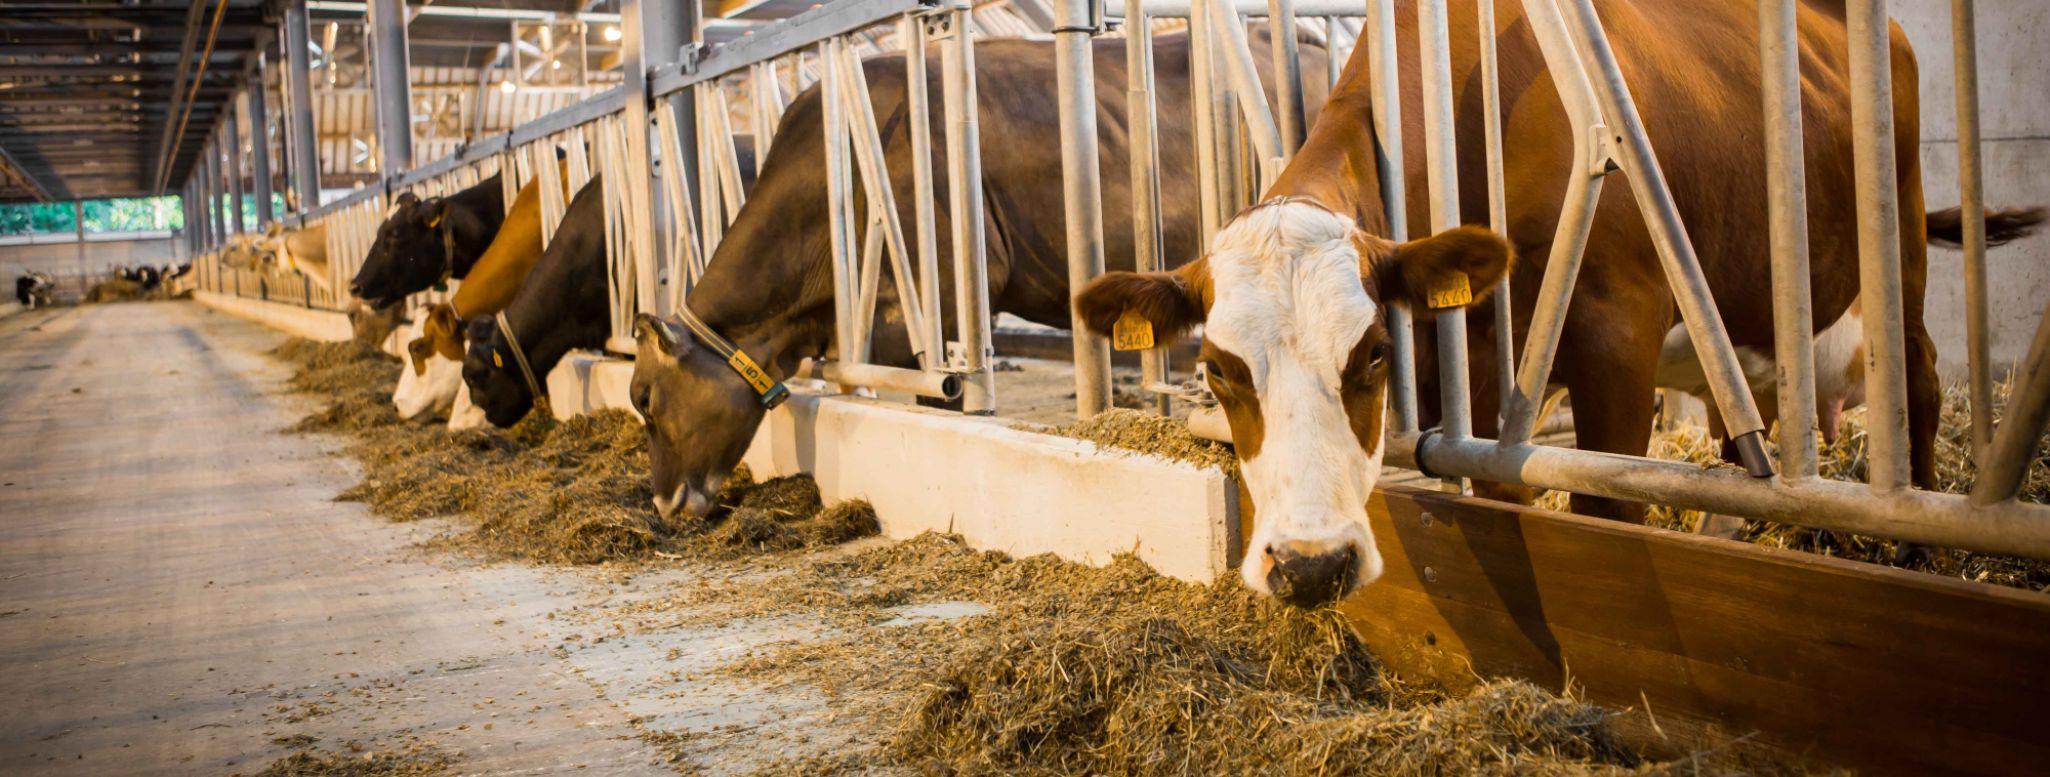 Koeien op stal boerderij van de Abdij der Trappisten Westmalle